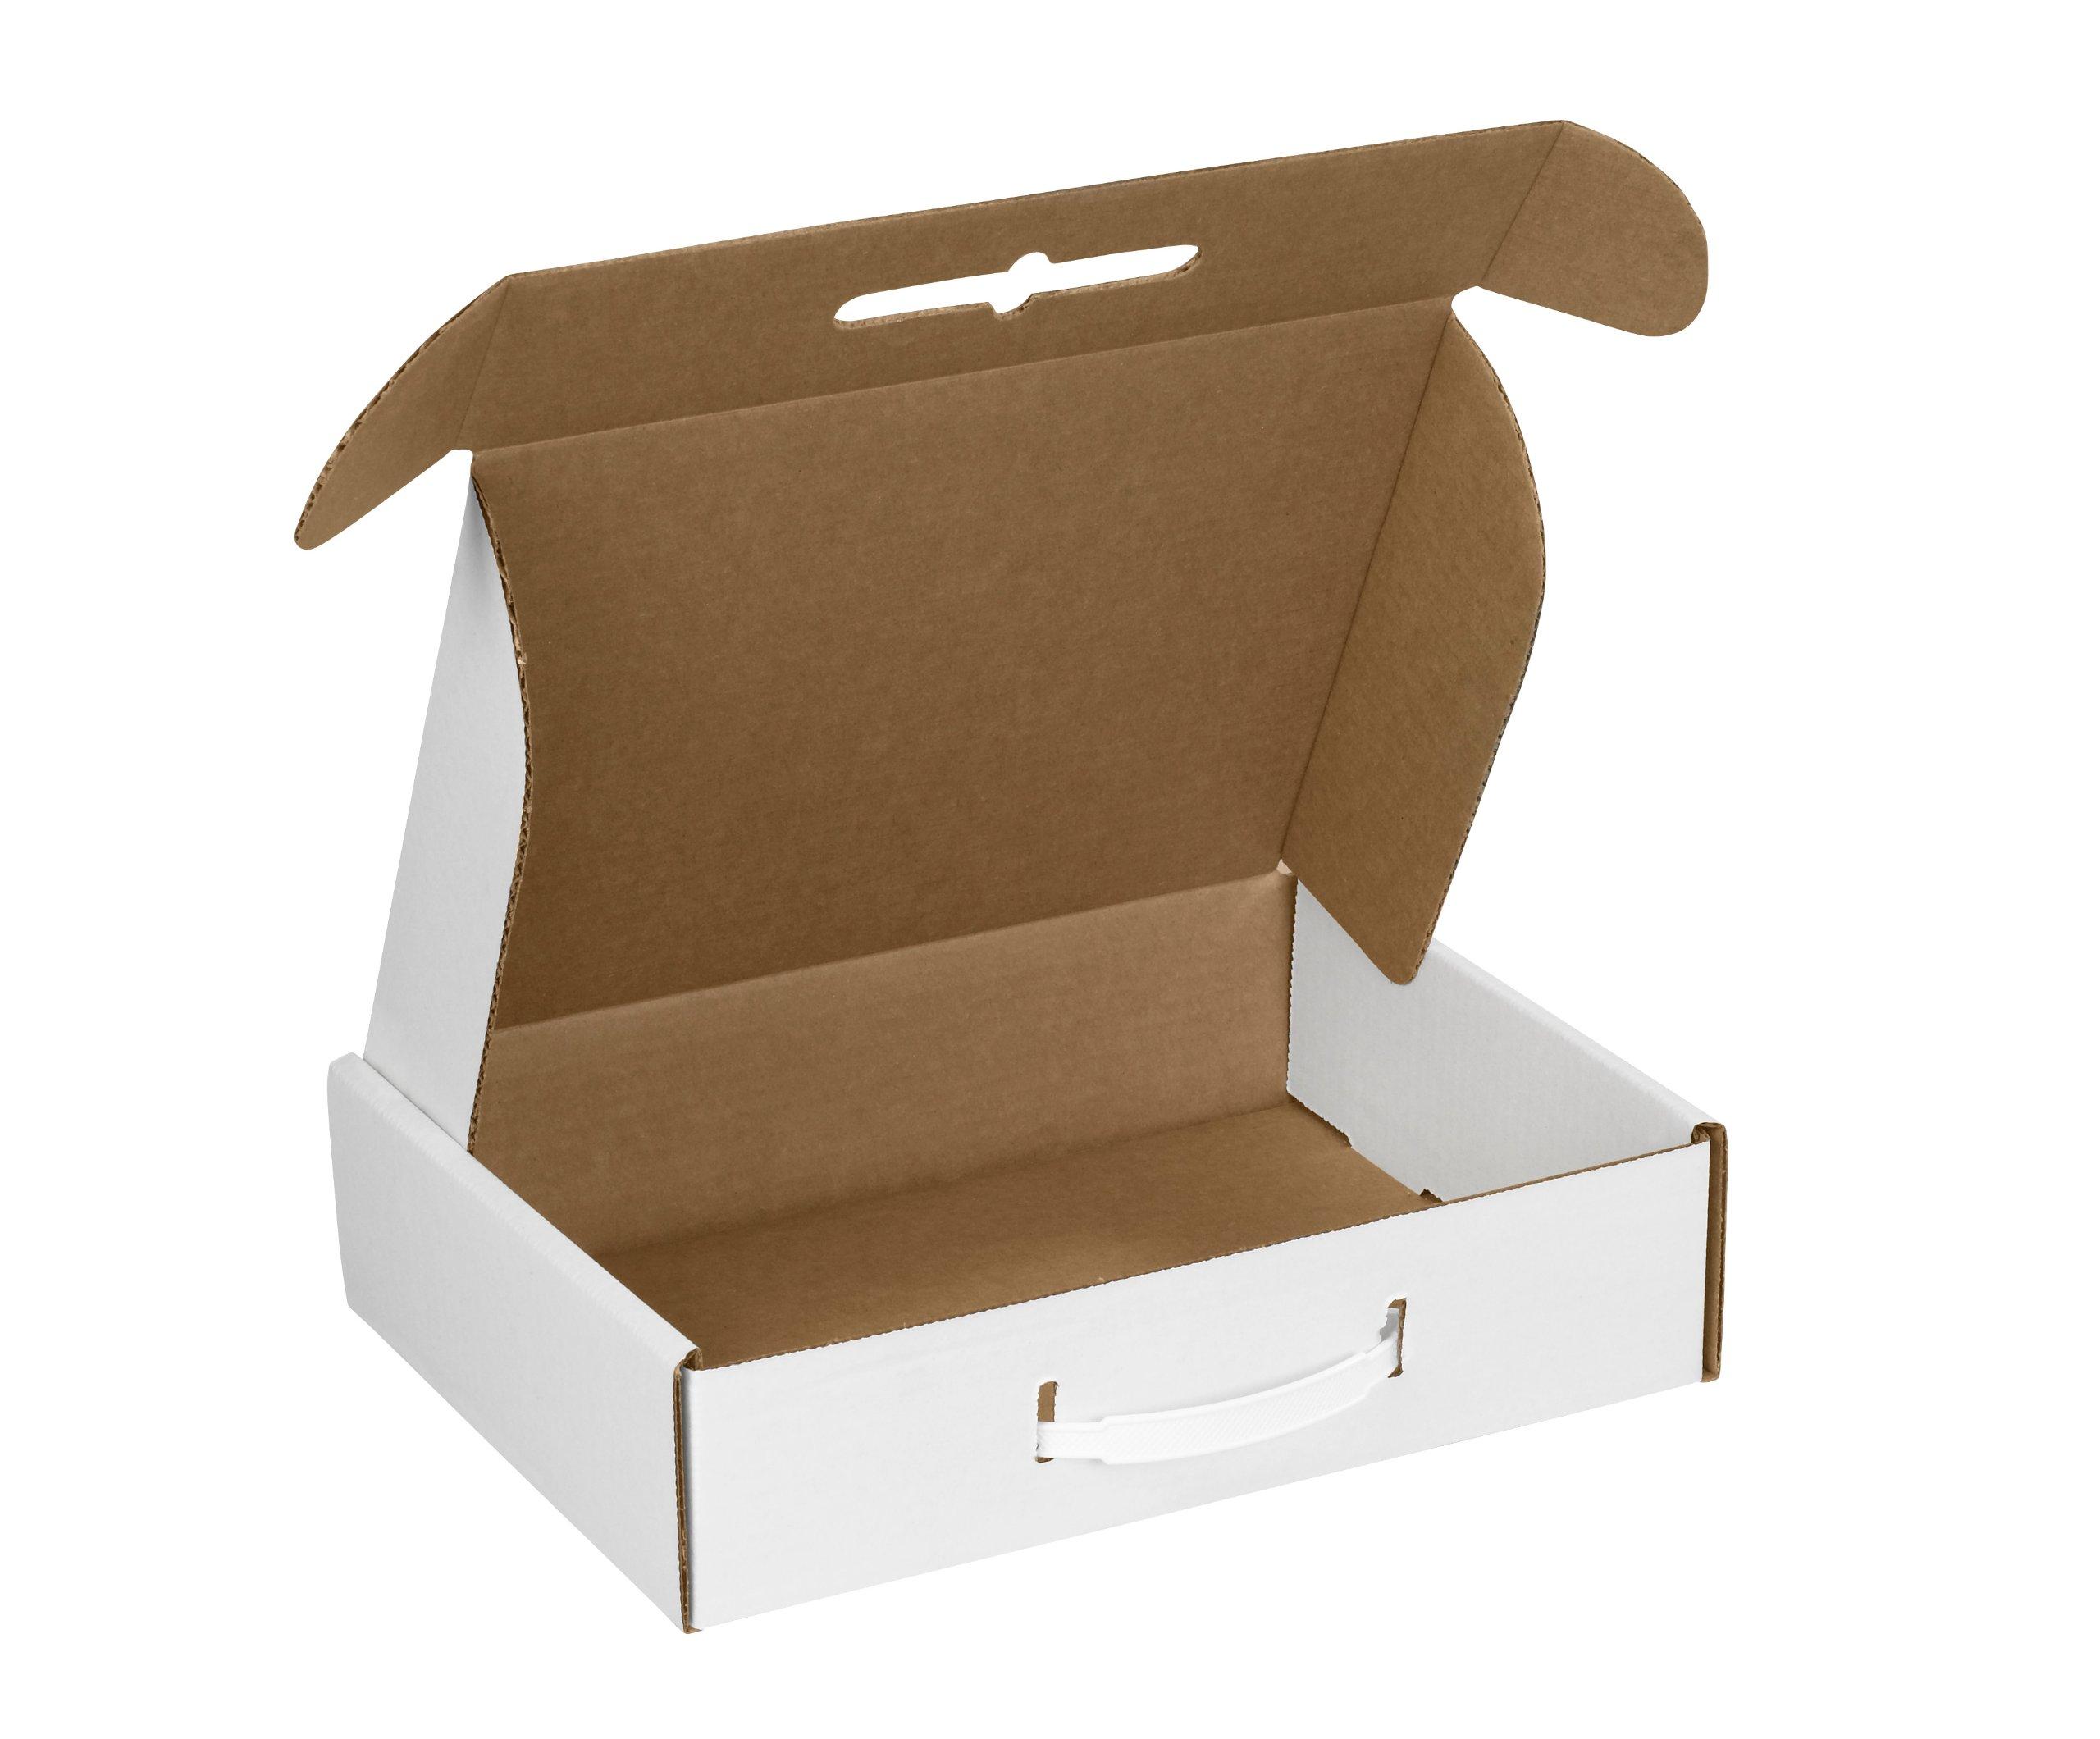 Cardboard Carrying Case : cardboard boxes with handles ~ Russianpoet.info Haus und Dekorationen